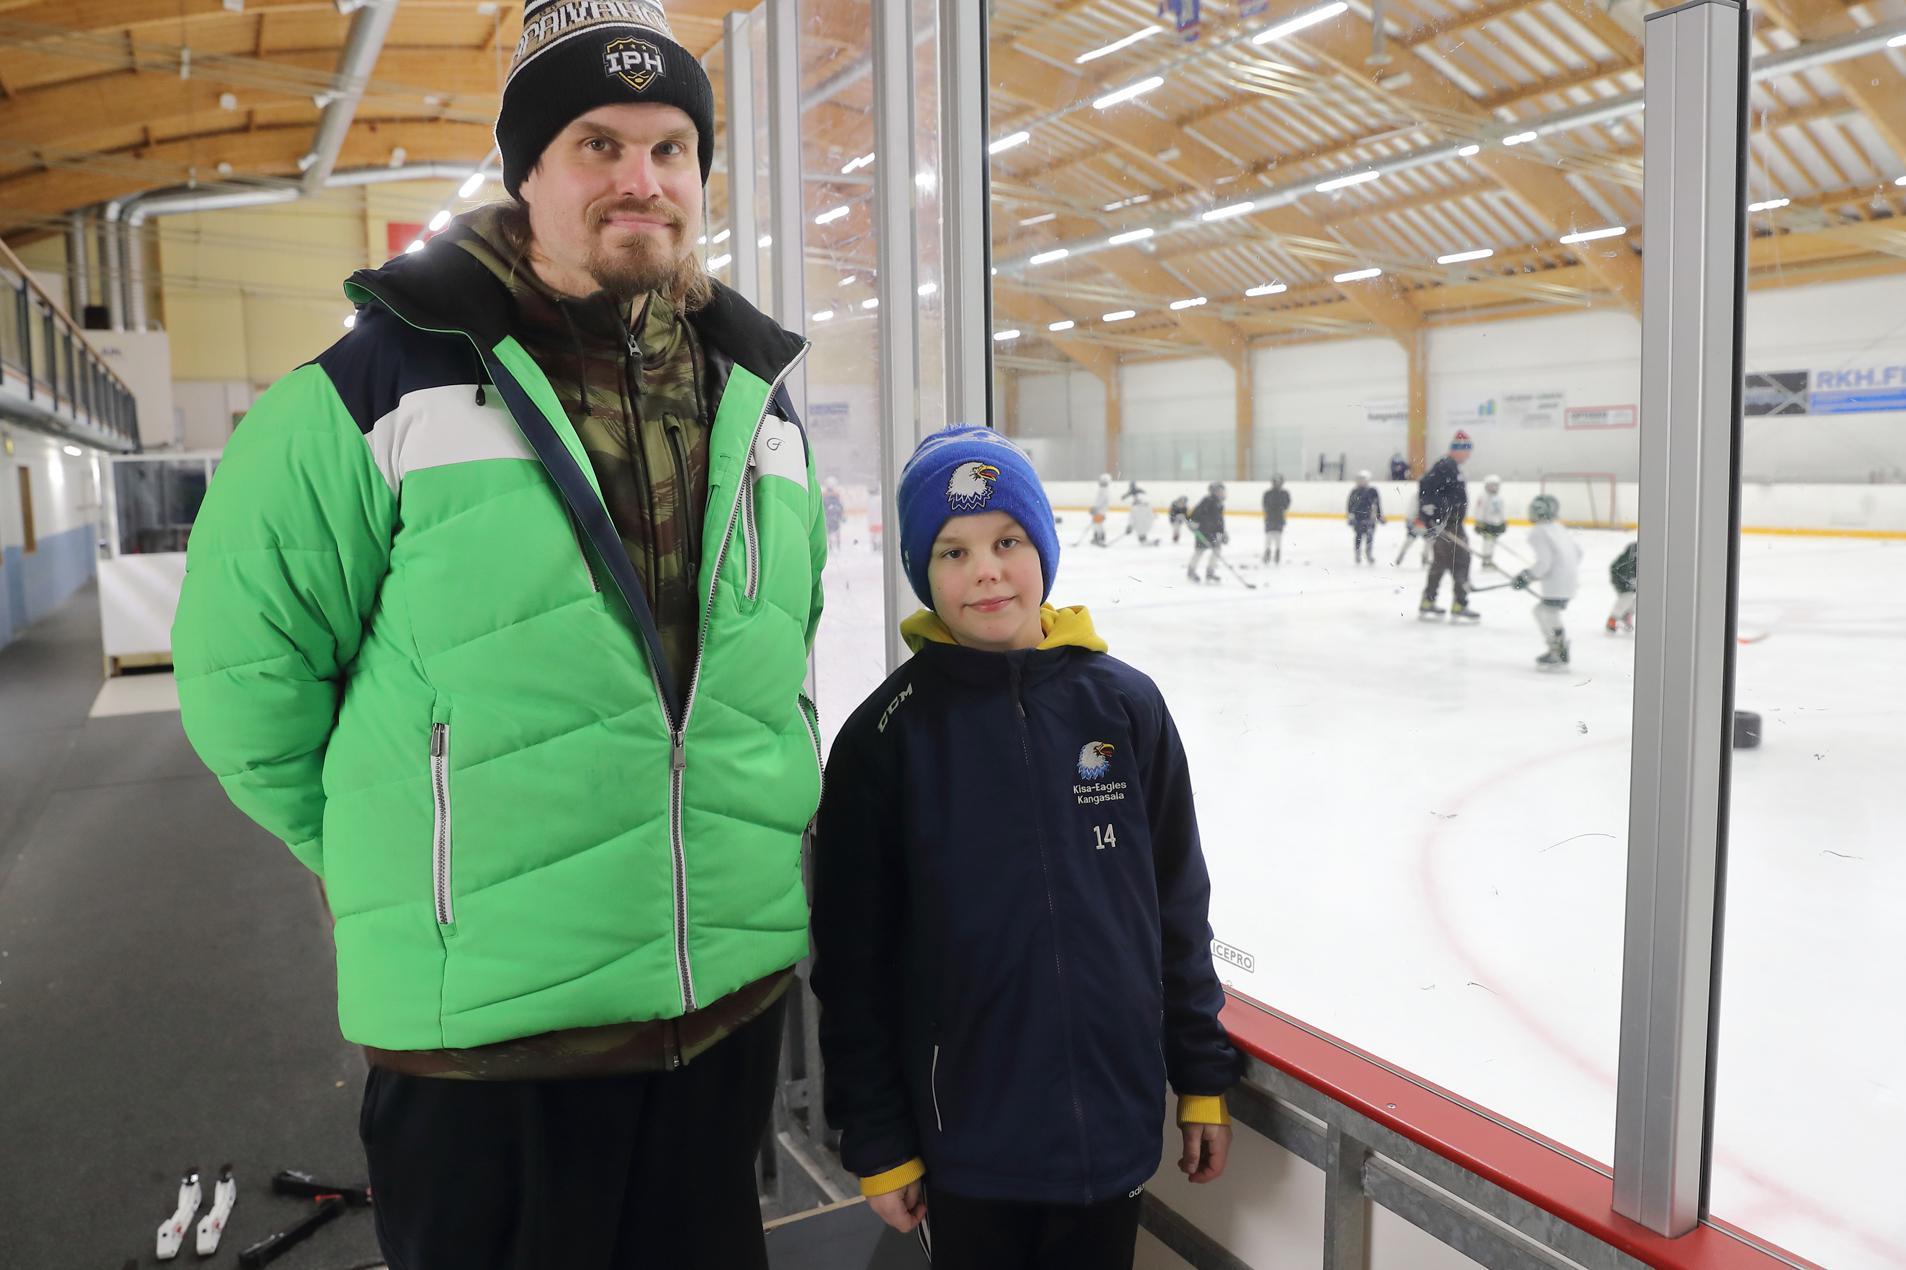 Jari Savolainen valmentaa Kisa-Eaglesin U11-joukkuetta, jossa hänen poikansa Väinö pelaa. Tosin tällä hetkellä jääkiekkoilu on pelkkää harjoittelua, sillä korona on pysäyttänyt valtaosan kiekkosarjoista.